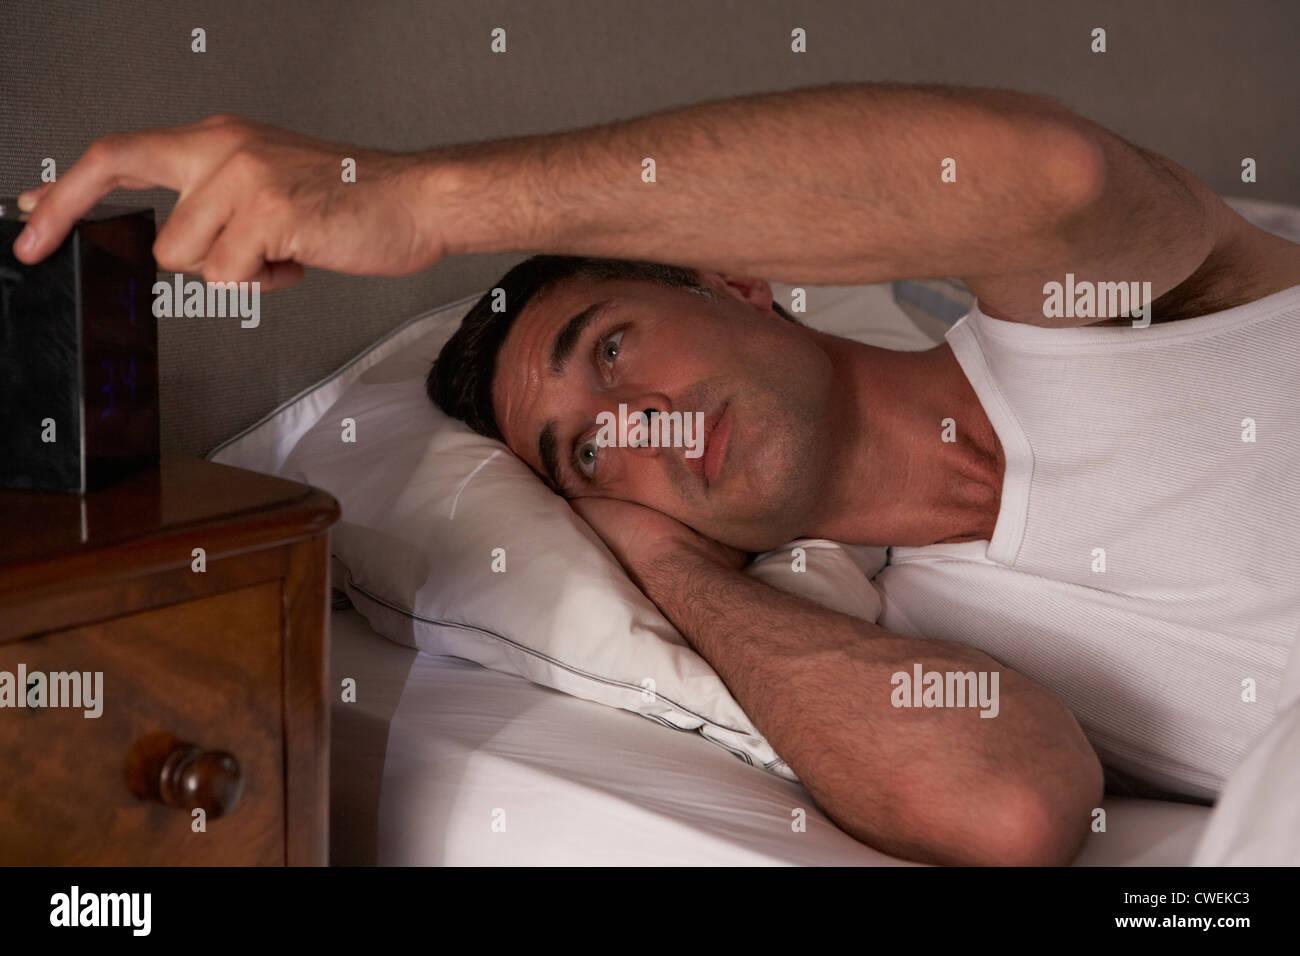 Man unable to sleep - Stock Image